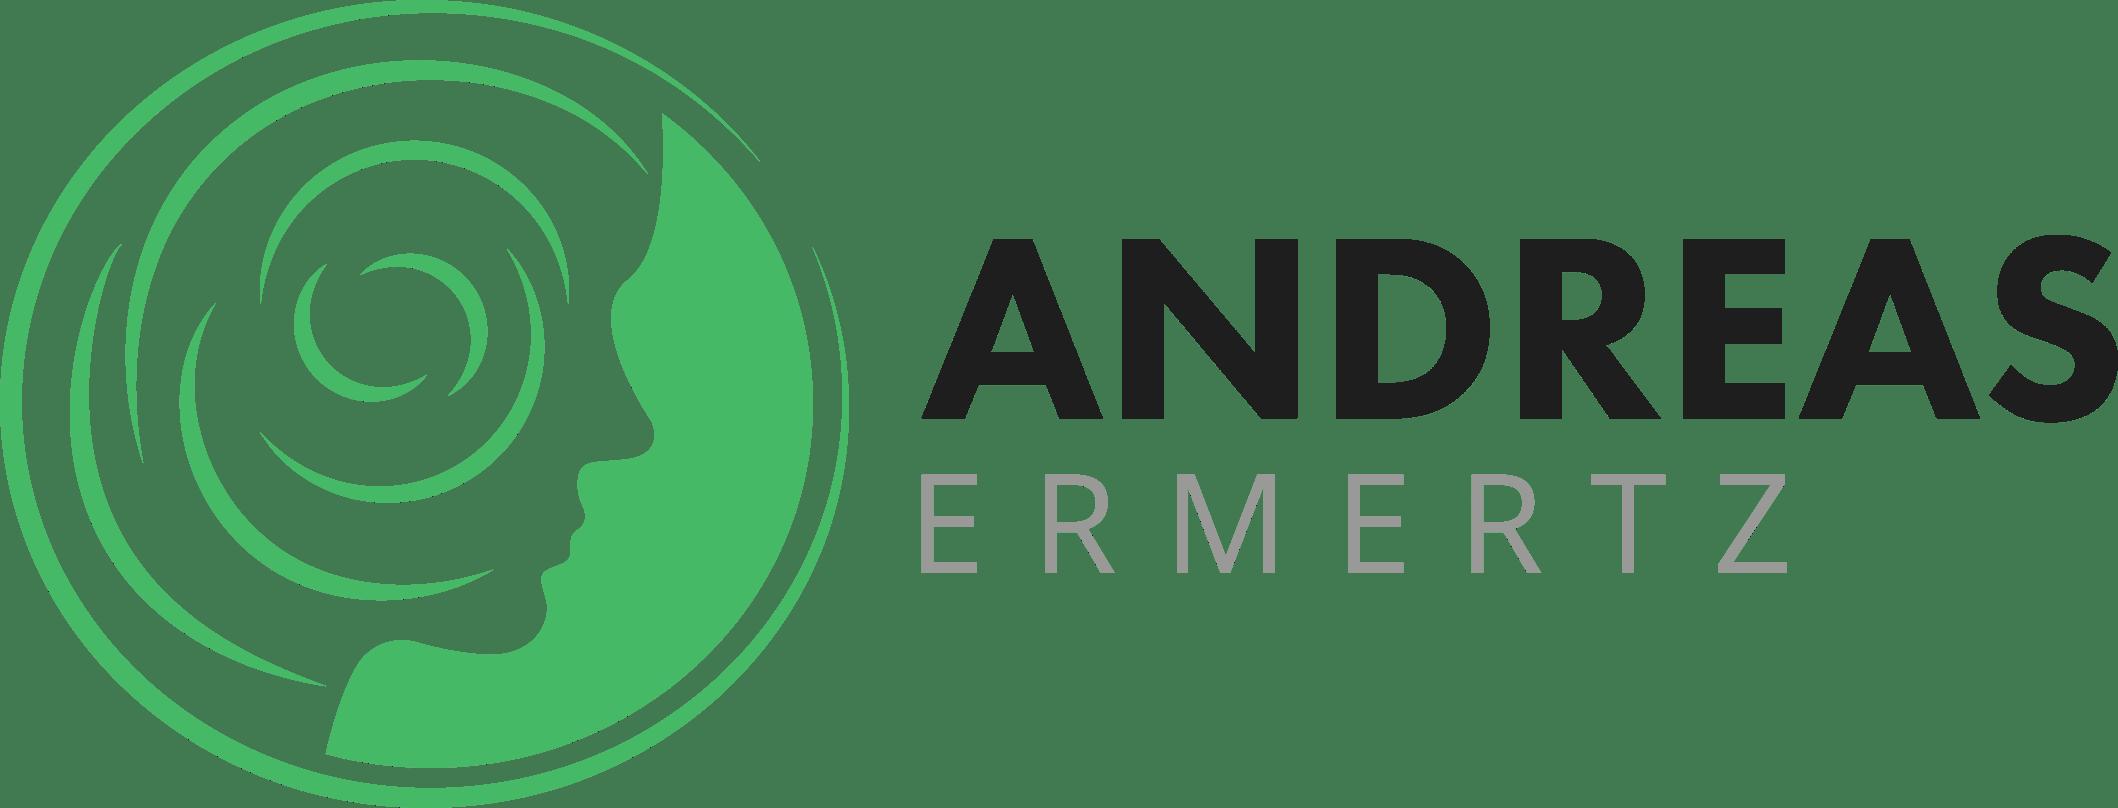 Andreas Ermertz